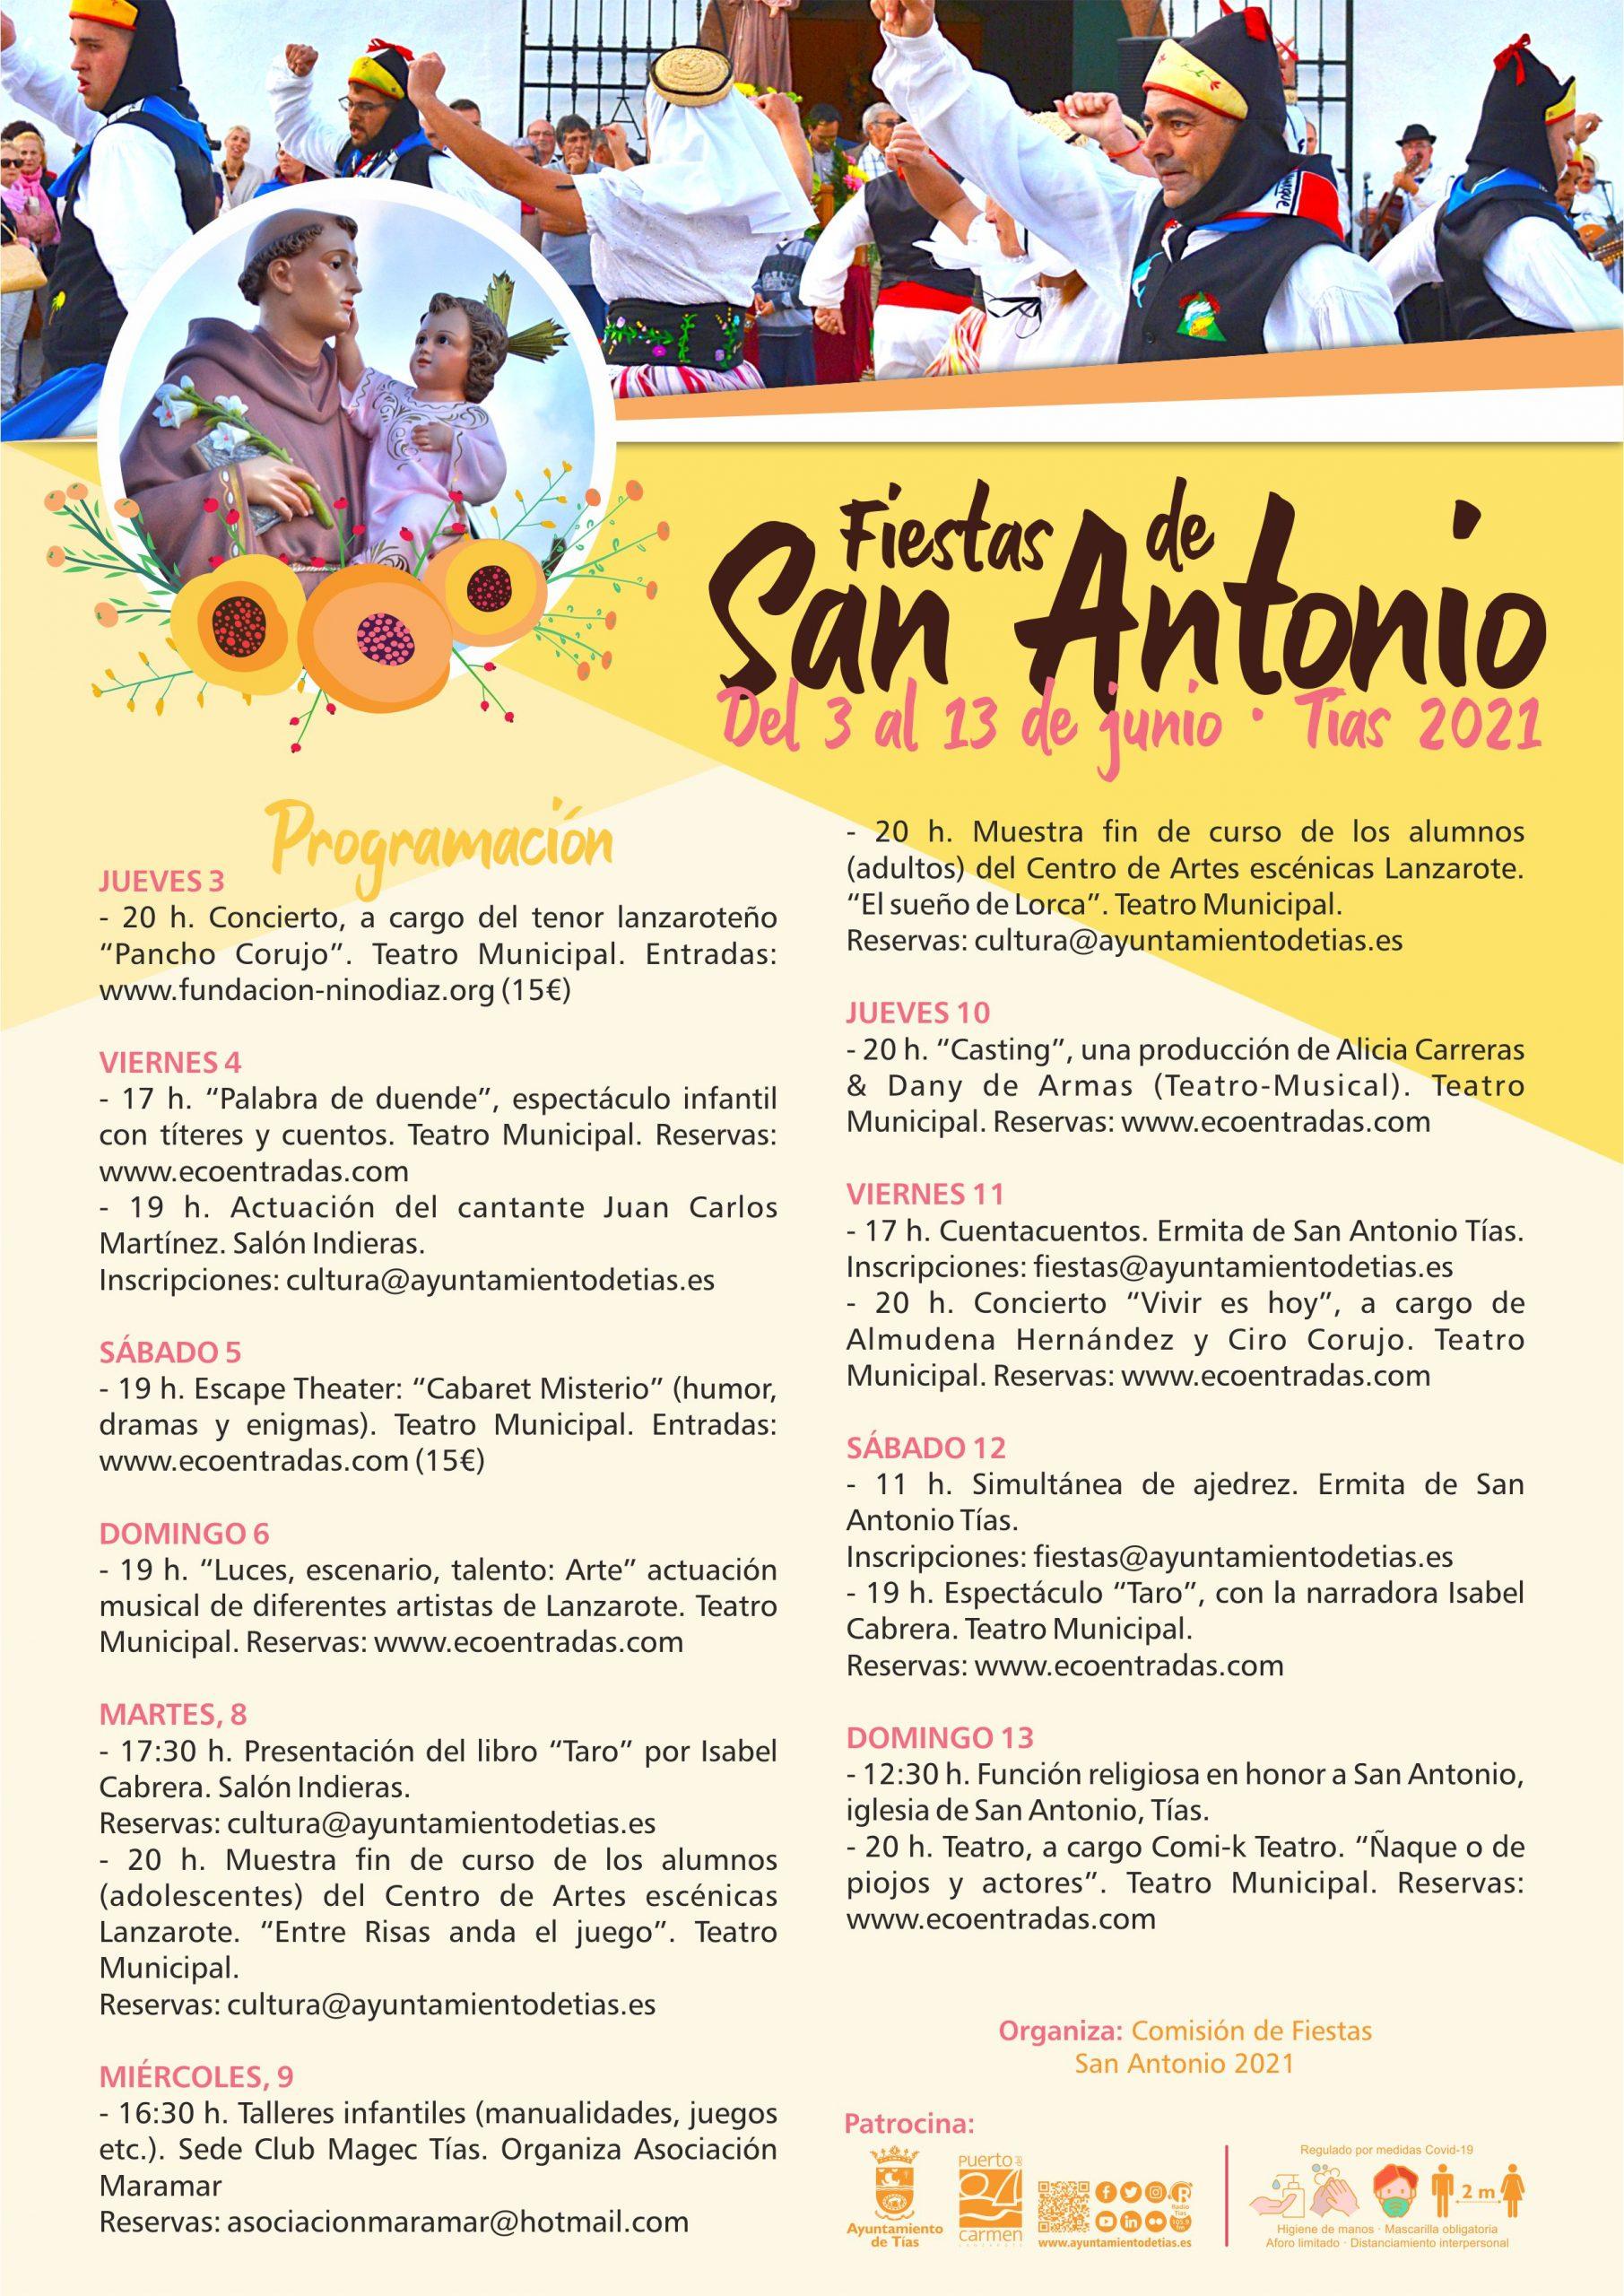 Fiestas de San Antonio en Tías con teatro, musicales y conciertos